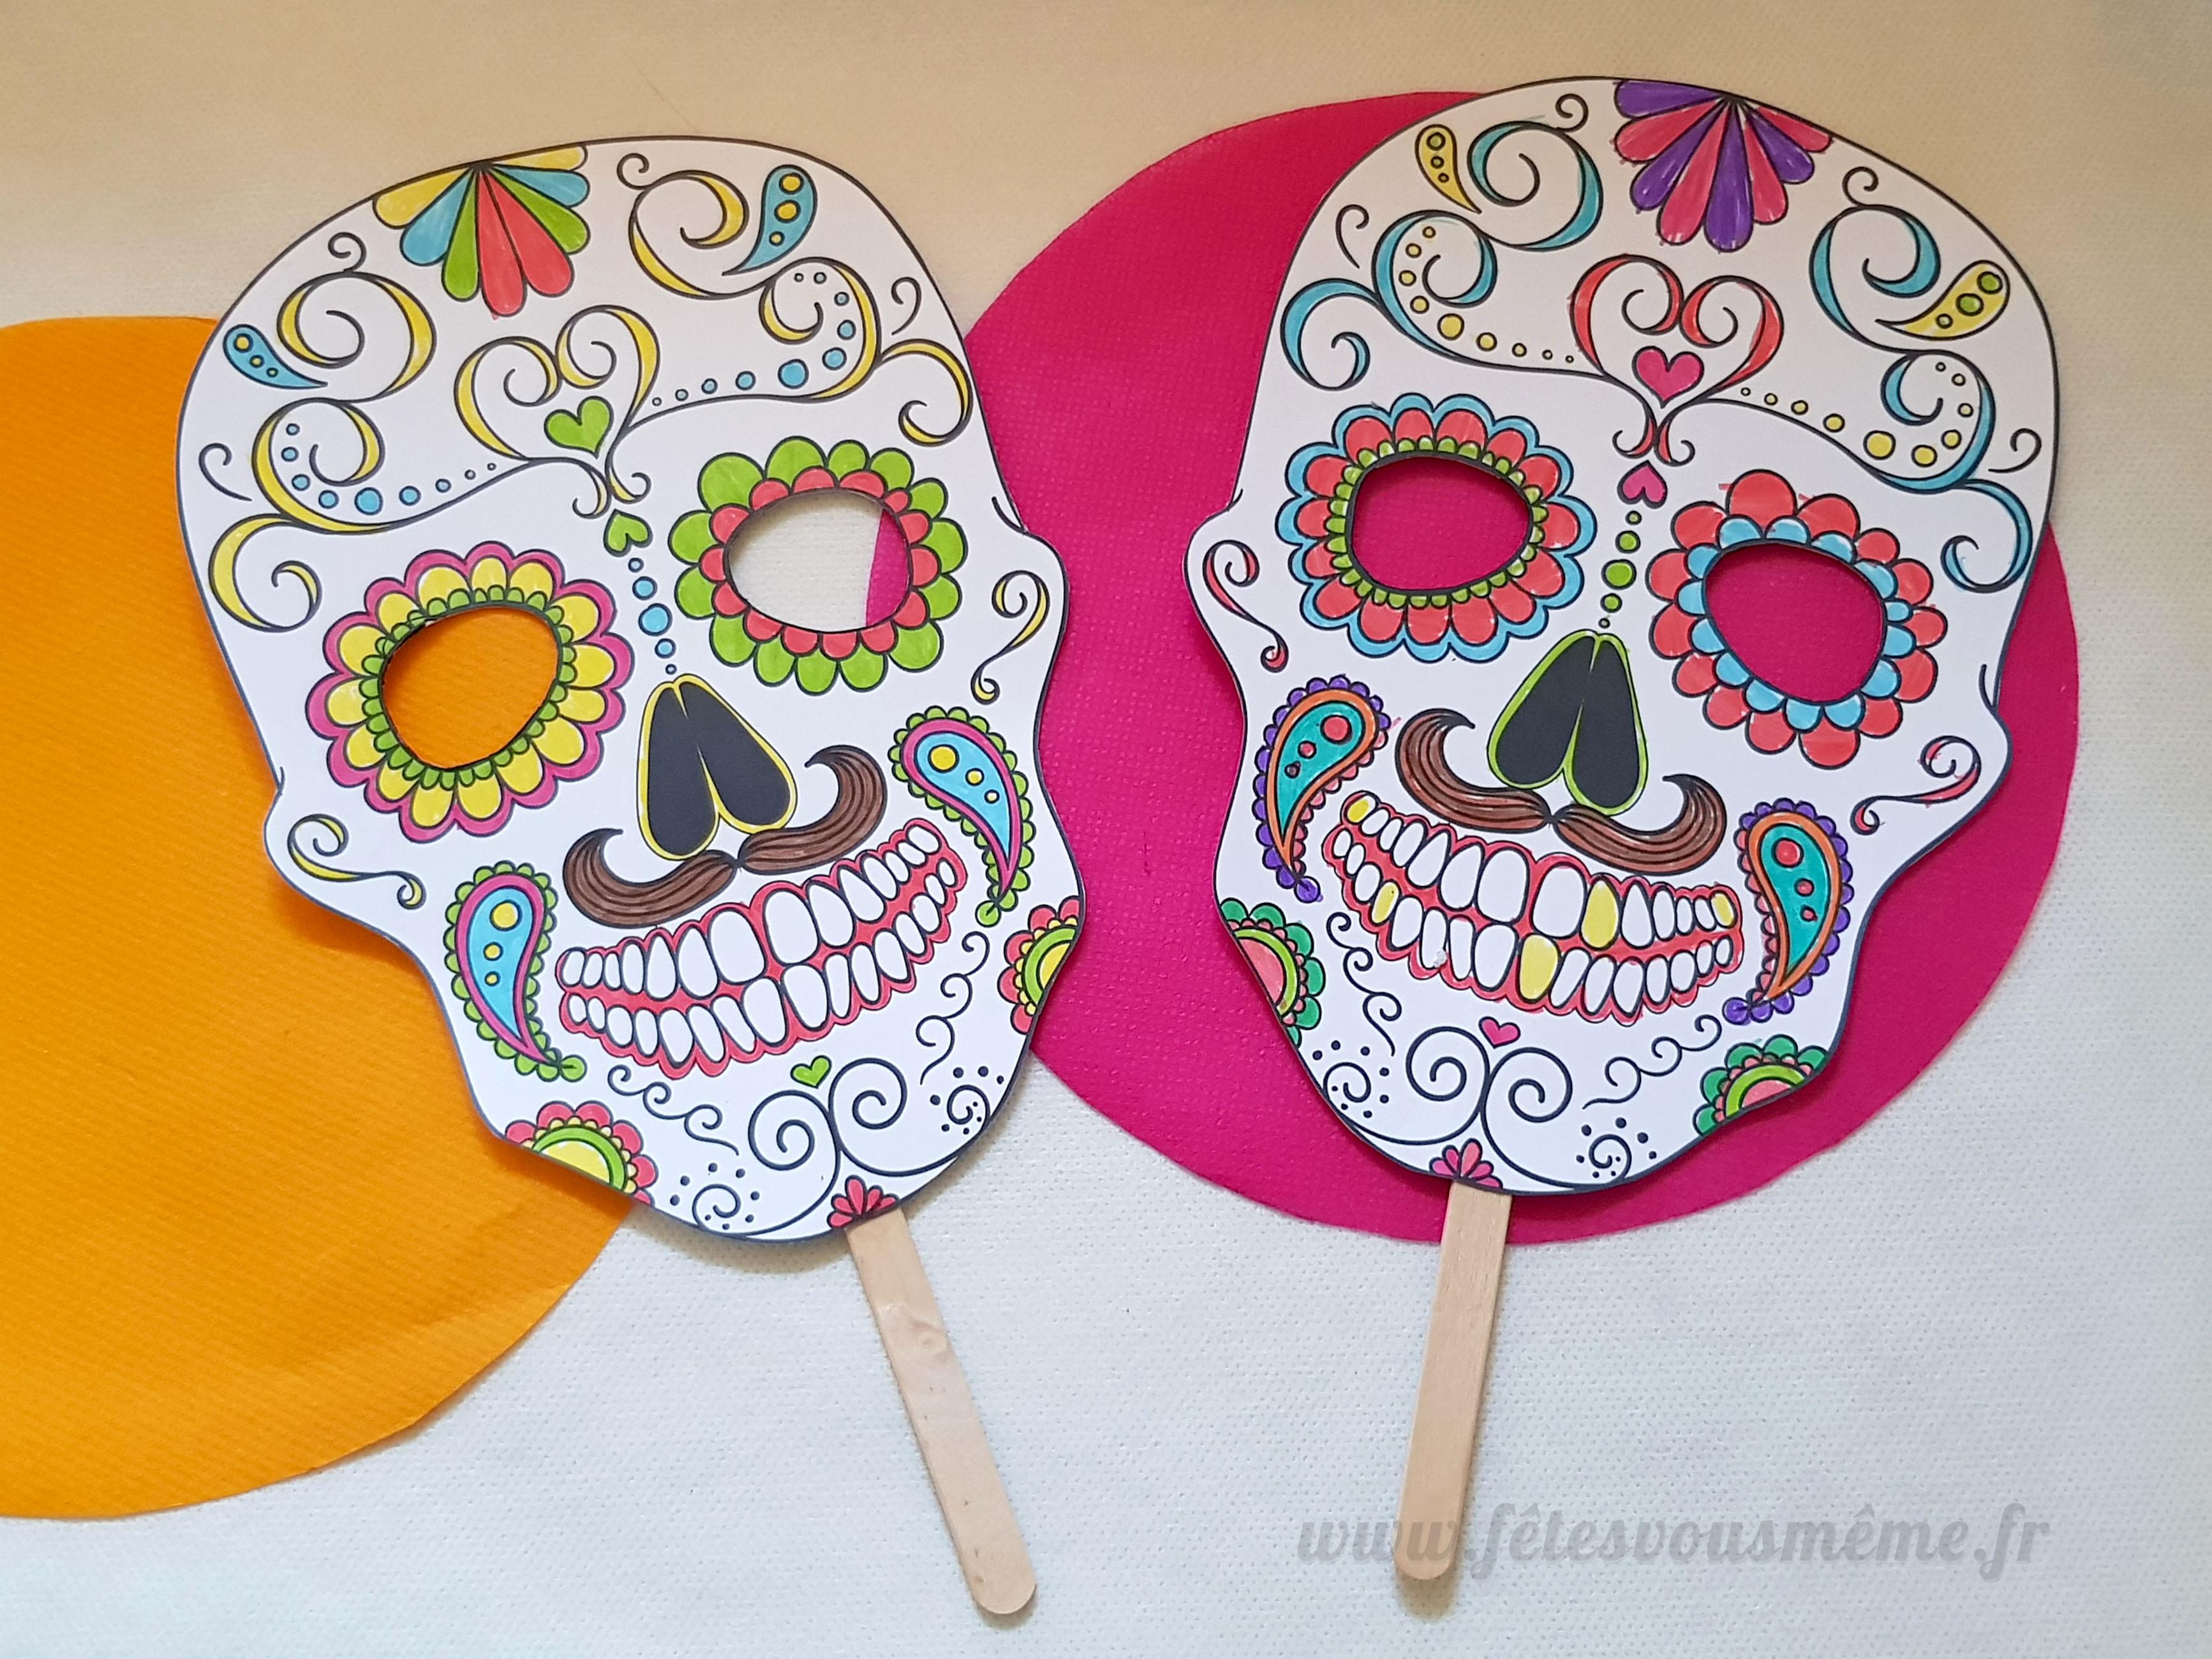 DIY Masque Calavera à colorier • Fêtes vous même